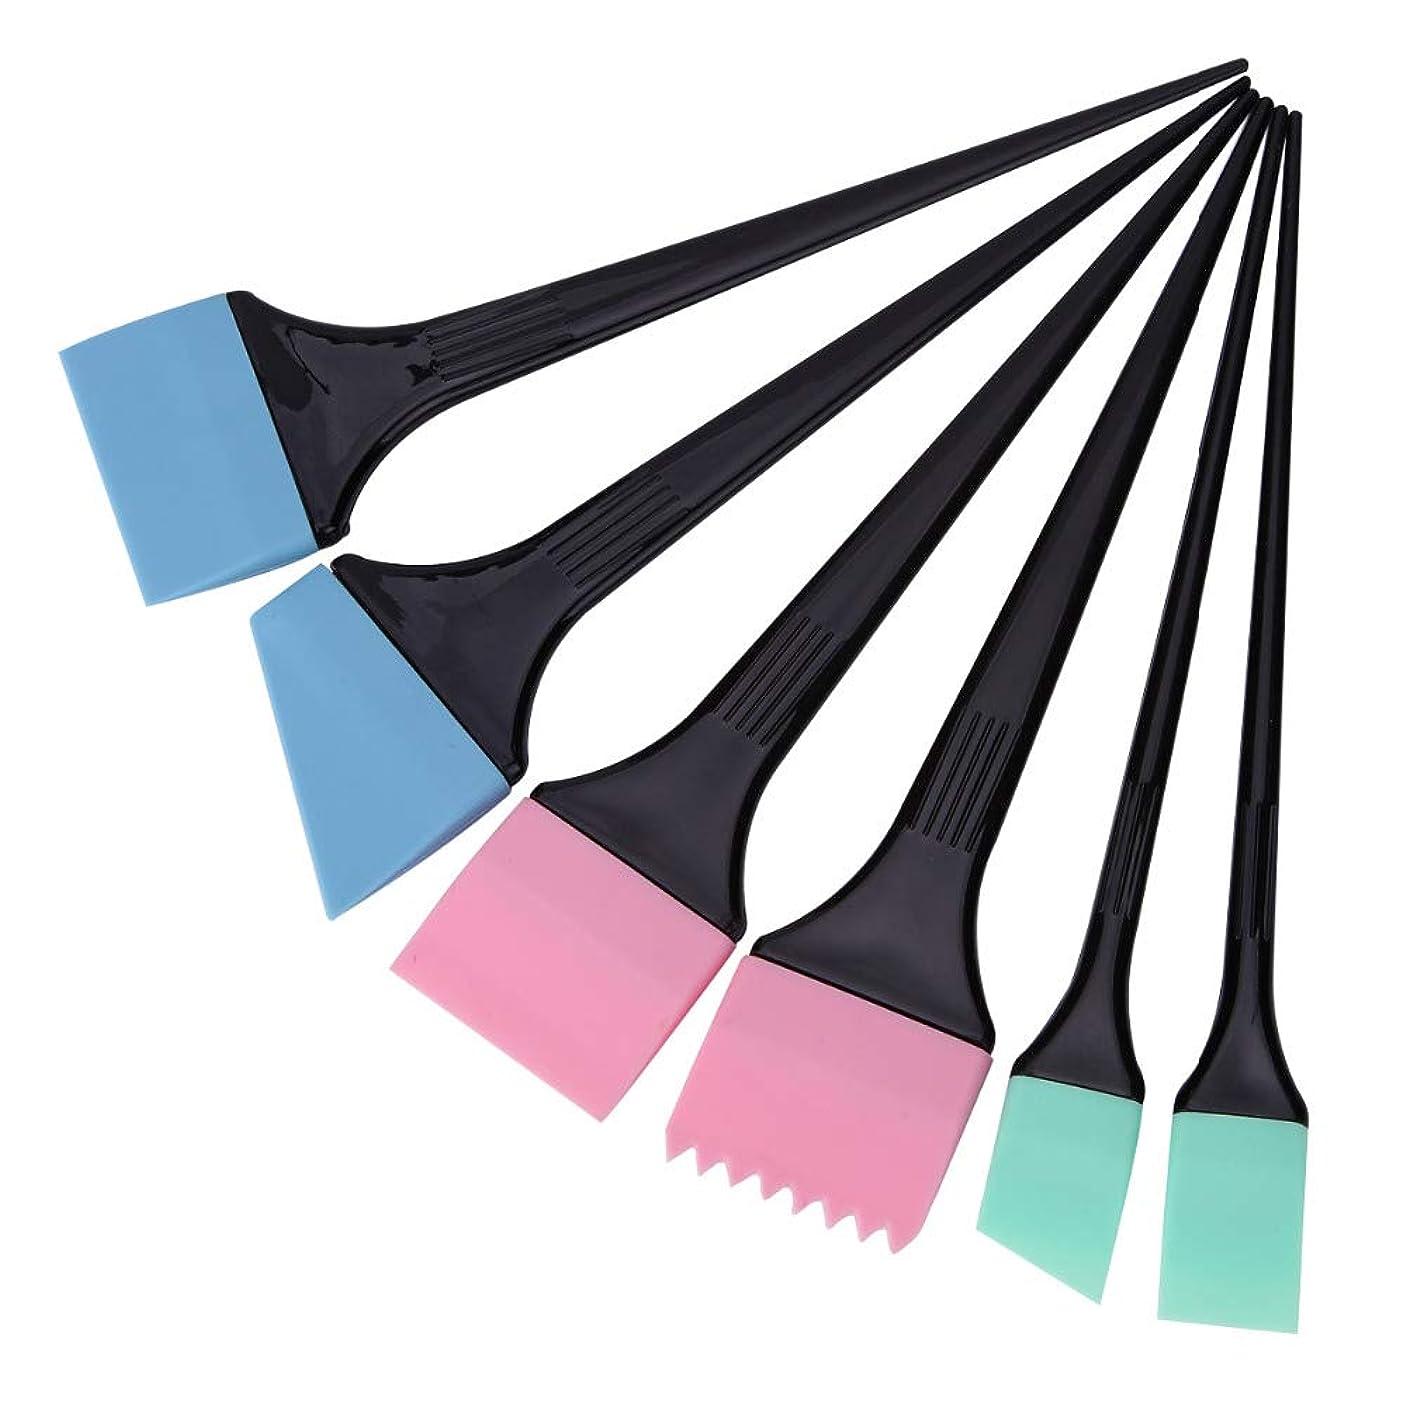 従事する成功した代わりにヘアダイコーム&ブラシ 毛染めブラシ 6本/セット 着色櫛キット プロサロン 理髪スタイリングツール へアカラーセット グリーン